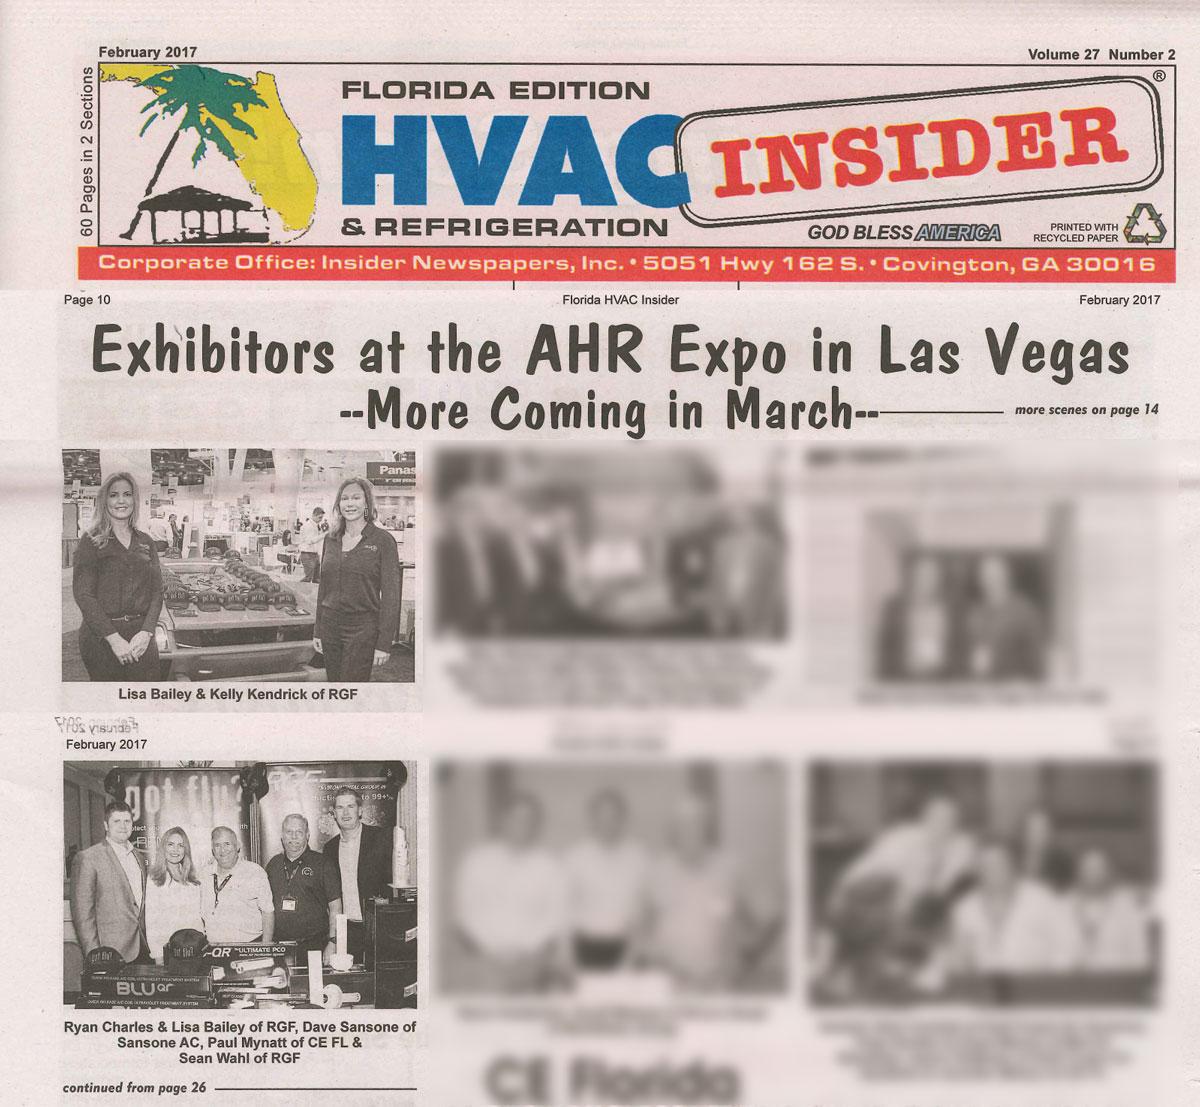 HVAC INSIDER, February 2017 - AHR Expo